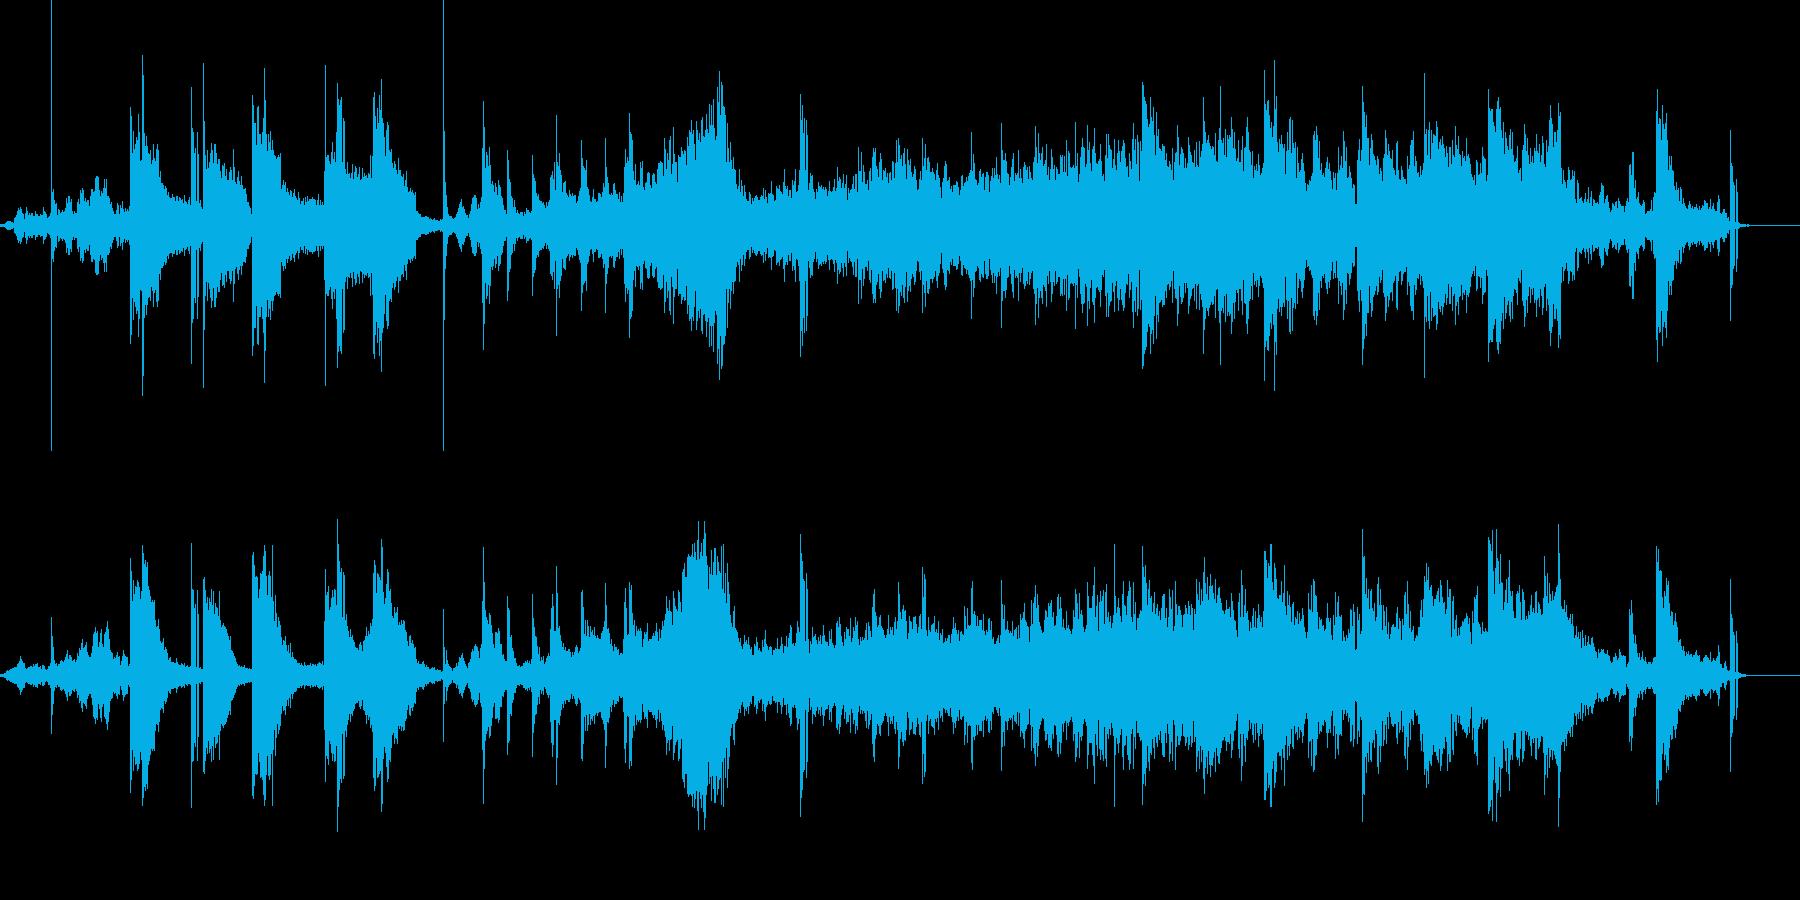 シネマティックトレーラーの再生済みの波形